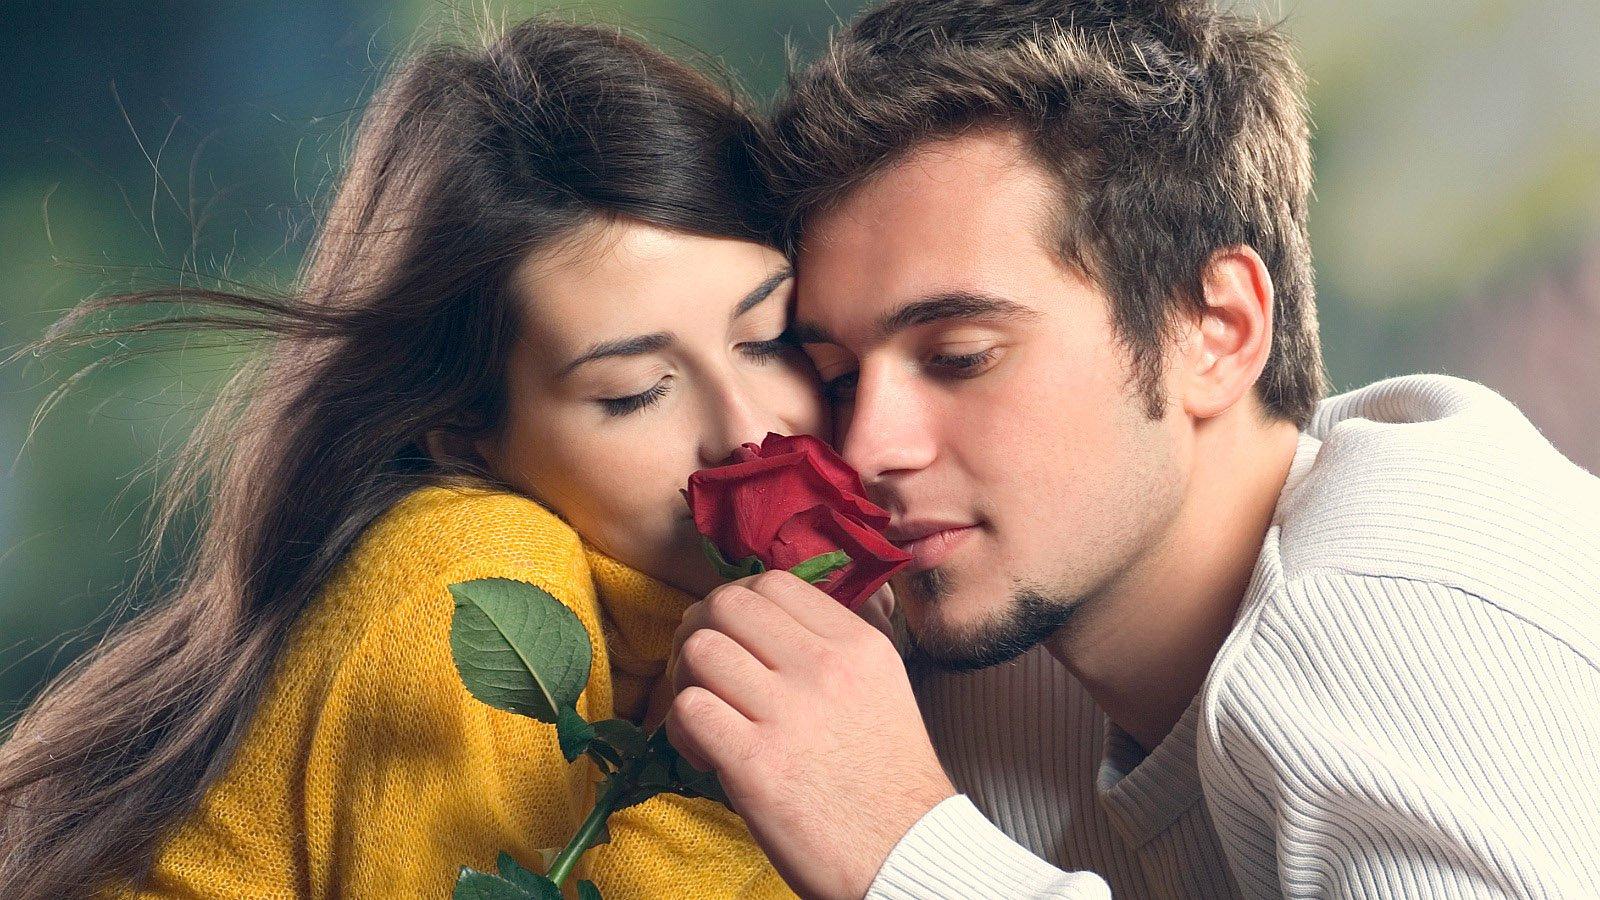 Как сделать чтобы он влюбился в тебя магия 359